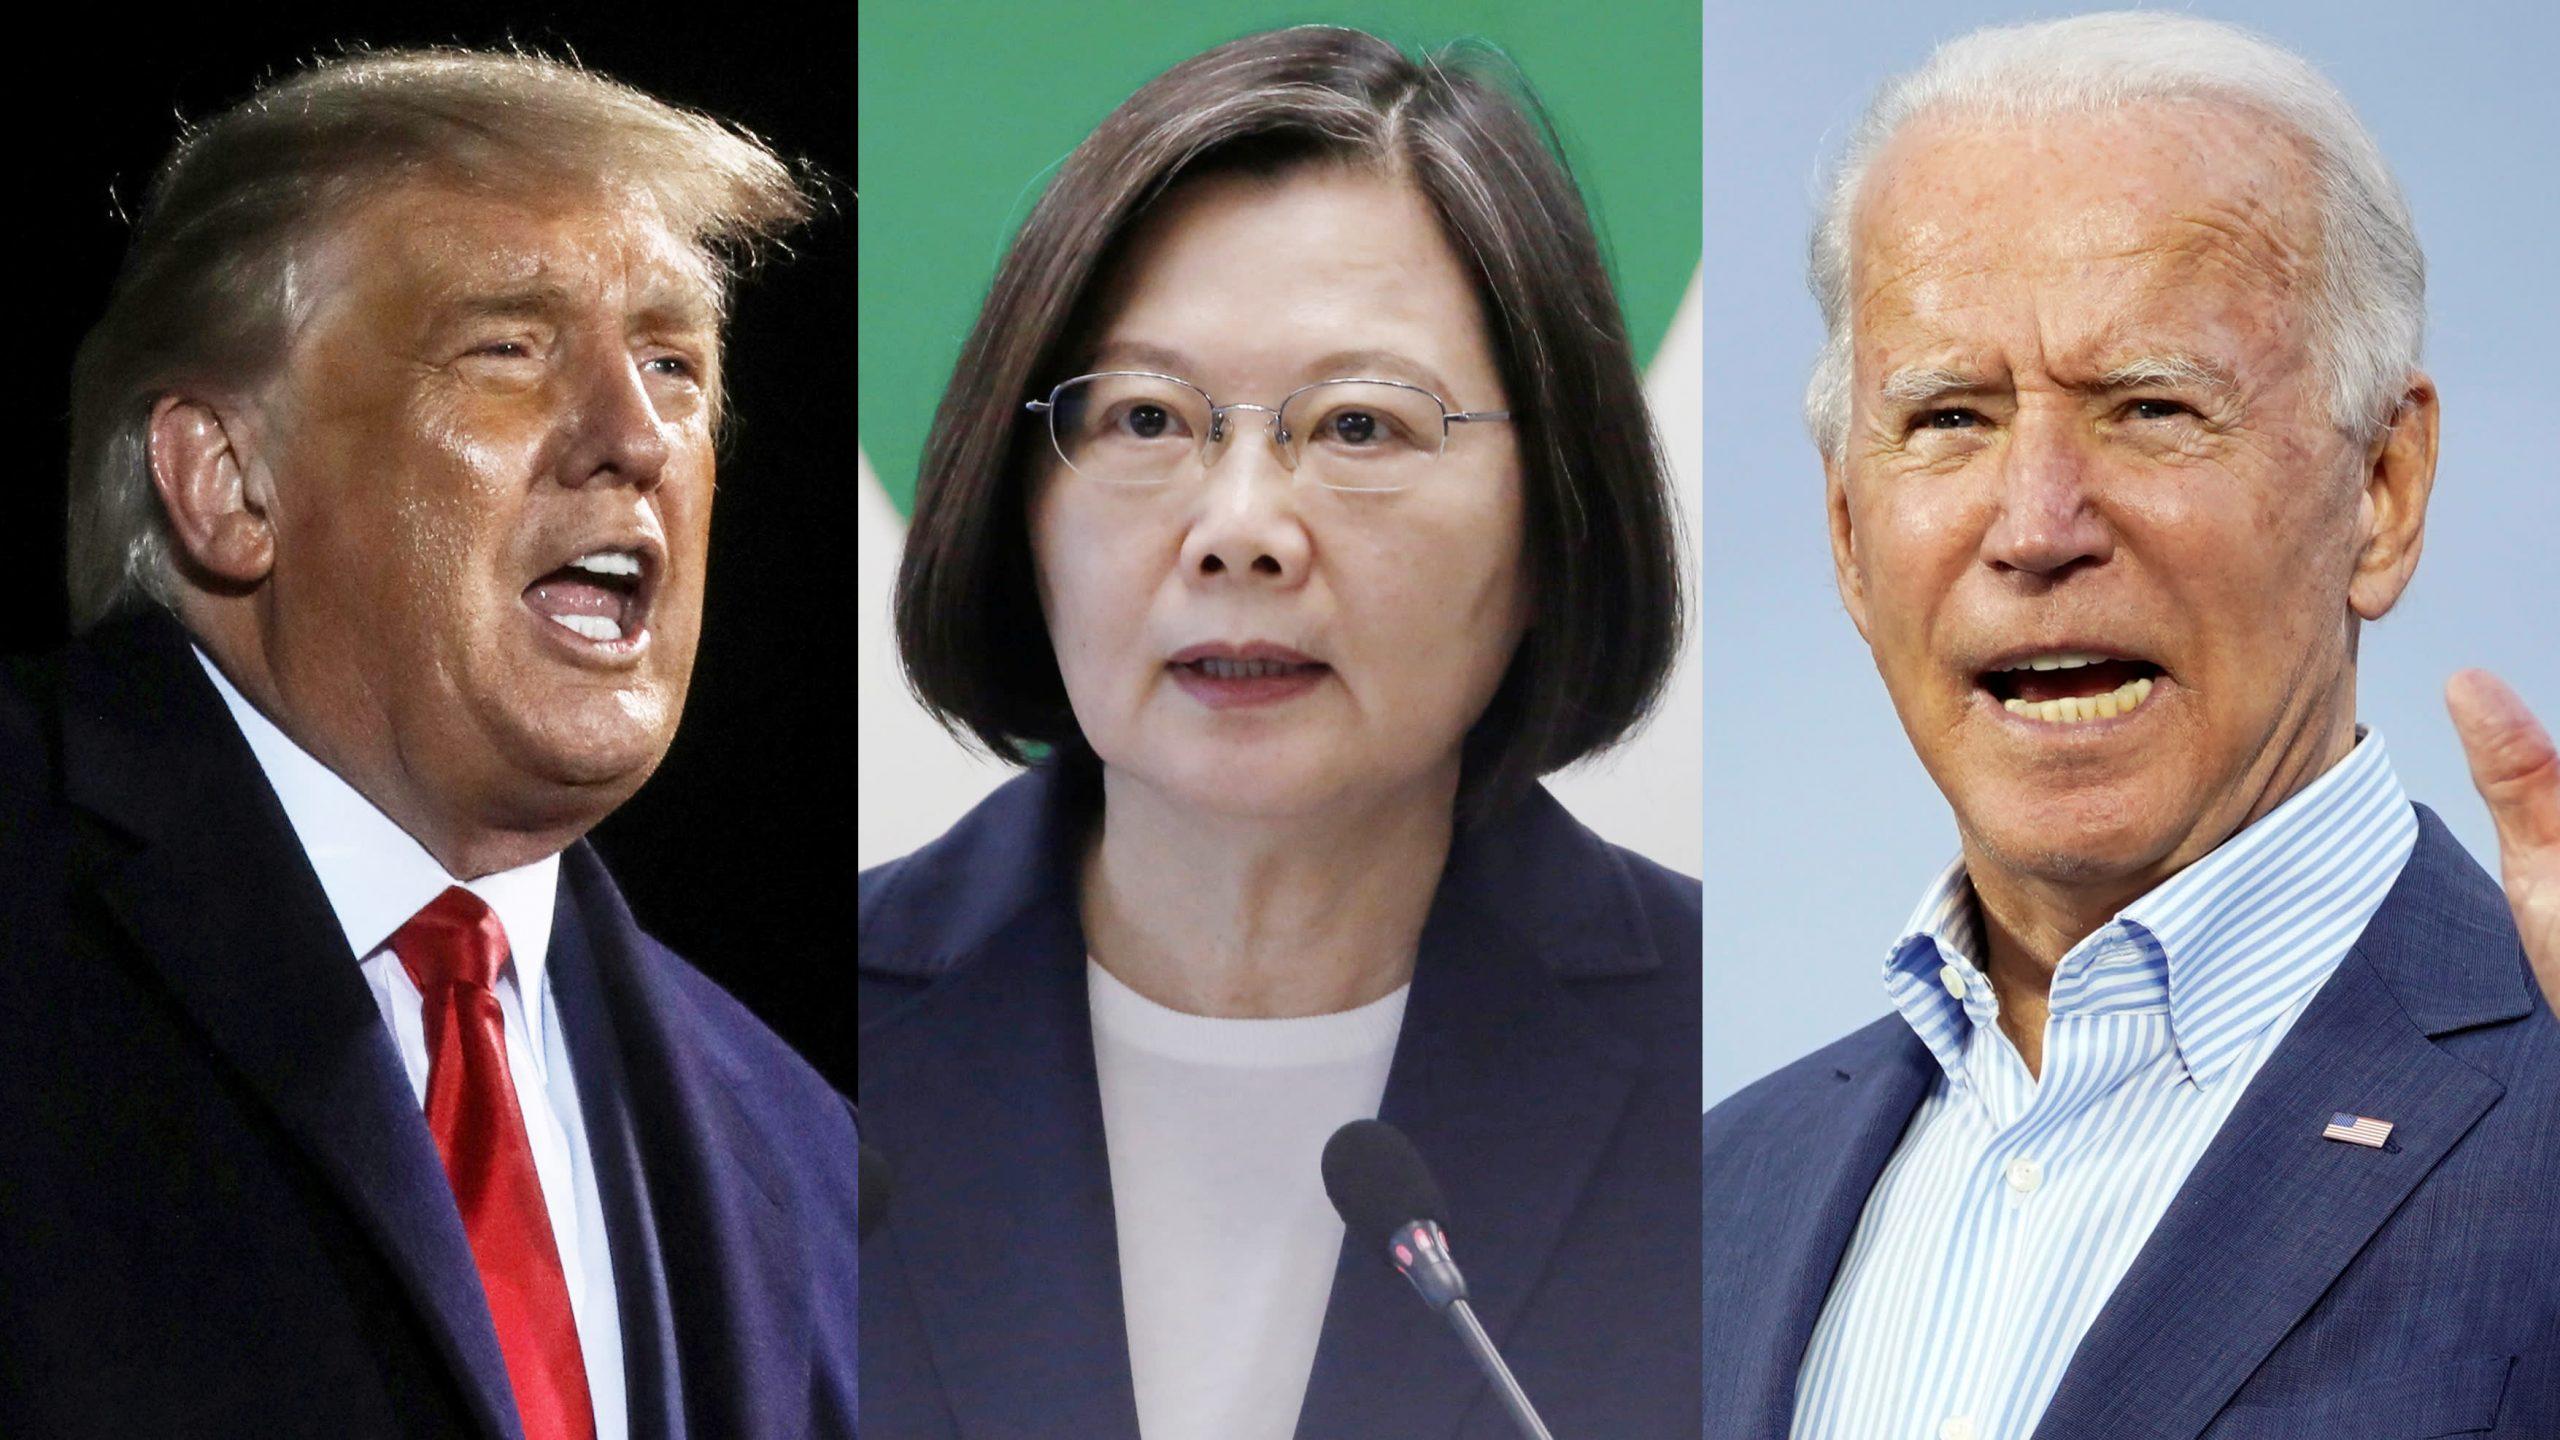 La présidente taïwanaise Tsai Ing-wen doit-elle regretter la fin de l'ère Trump et l'arrivée d'une administration Biden ? (Source : Asia Nikkei)